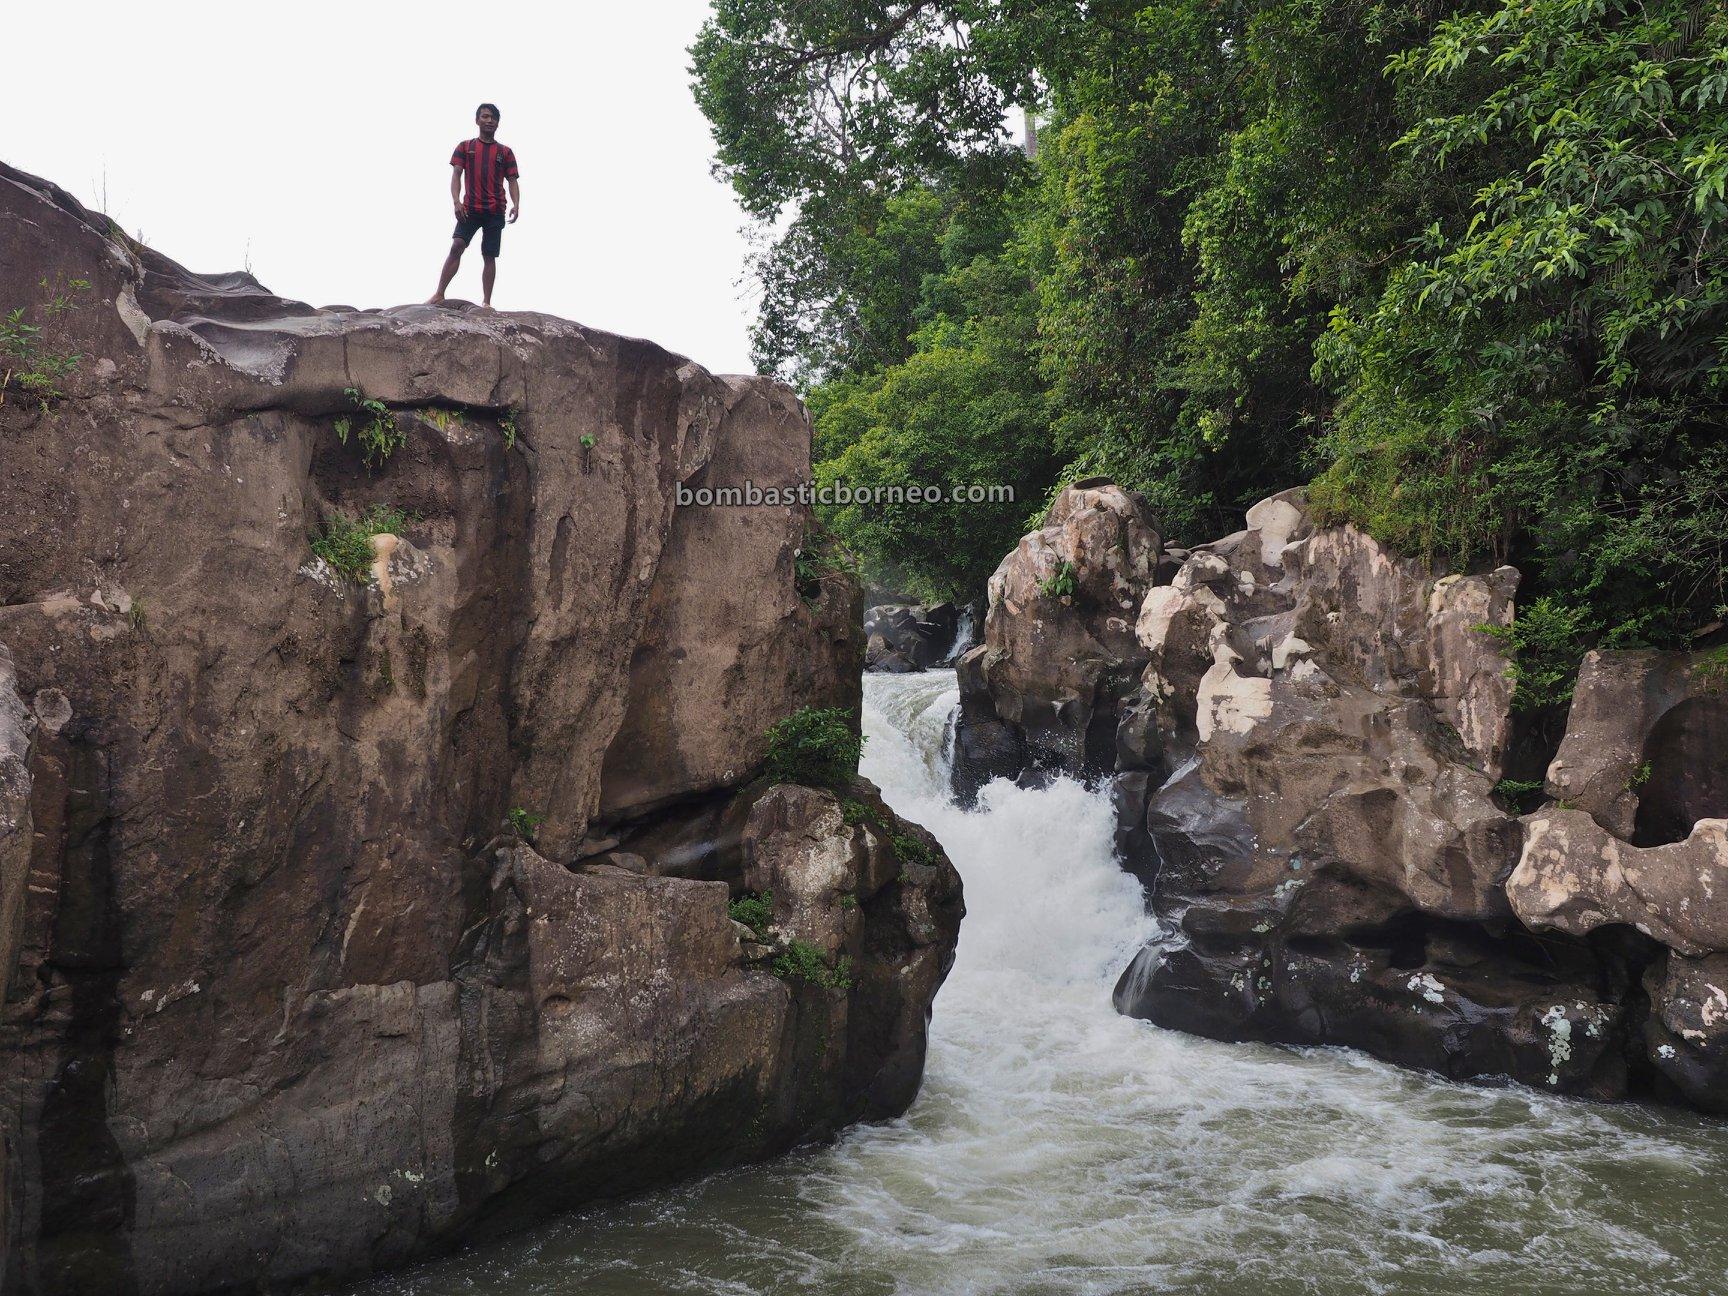 Air Terjun, Riam Kodu, Waterfall, Dusun Simpang Empat, jungle hiking, Bengkayang, Desa Bengkawan, Seluas, Tourism, tourist attraction, travel guide, Cross Border, backpackers, 跨境婆罗洲瀑布, 印尼西加里曼丹